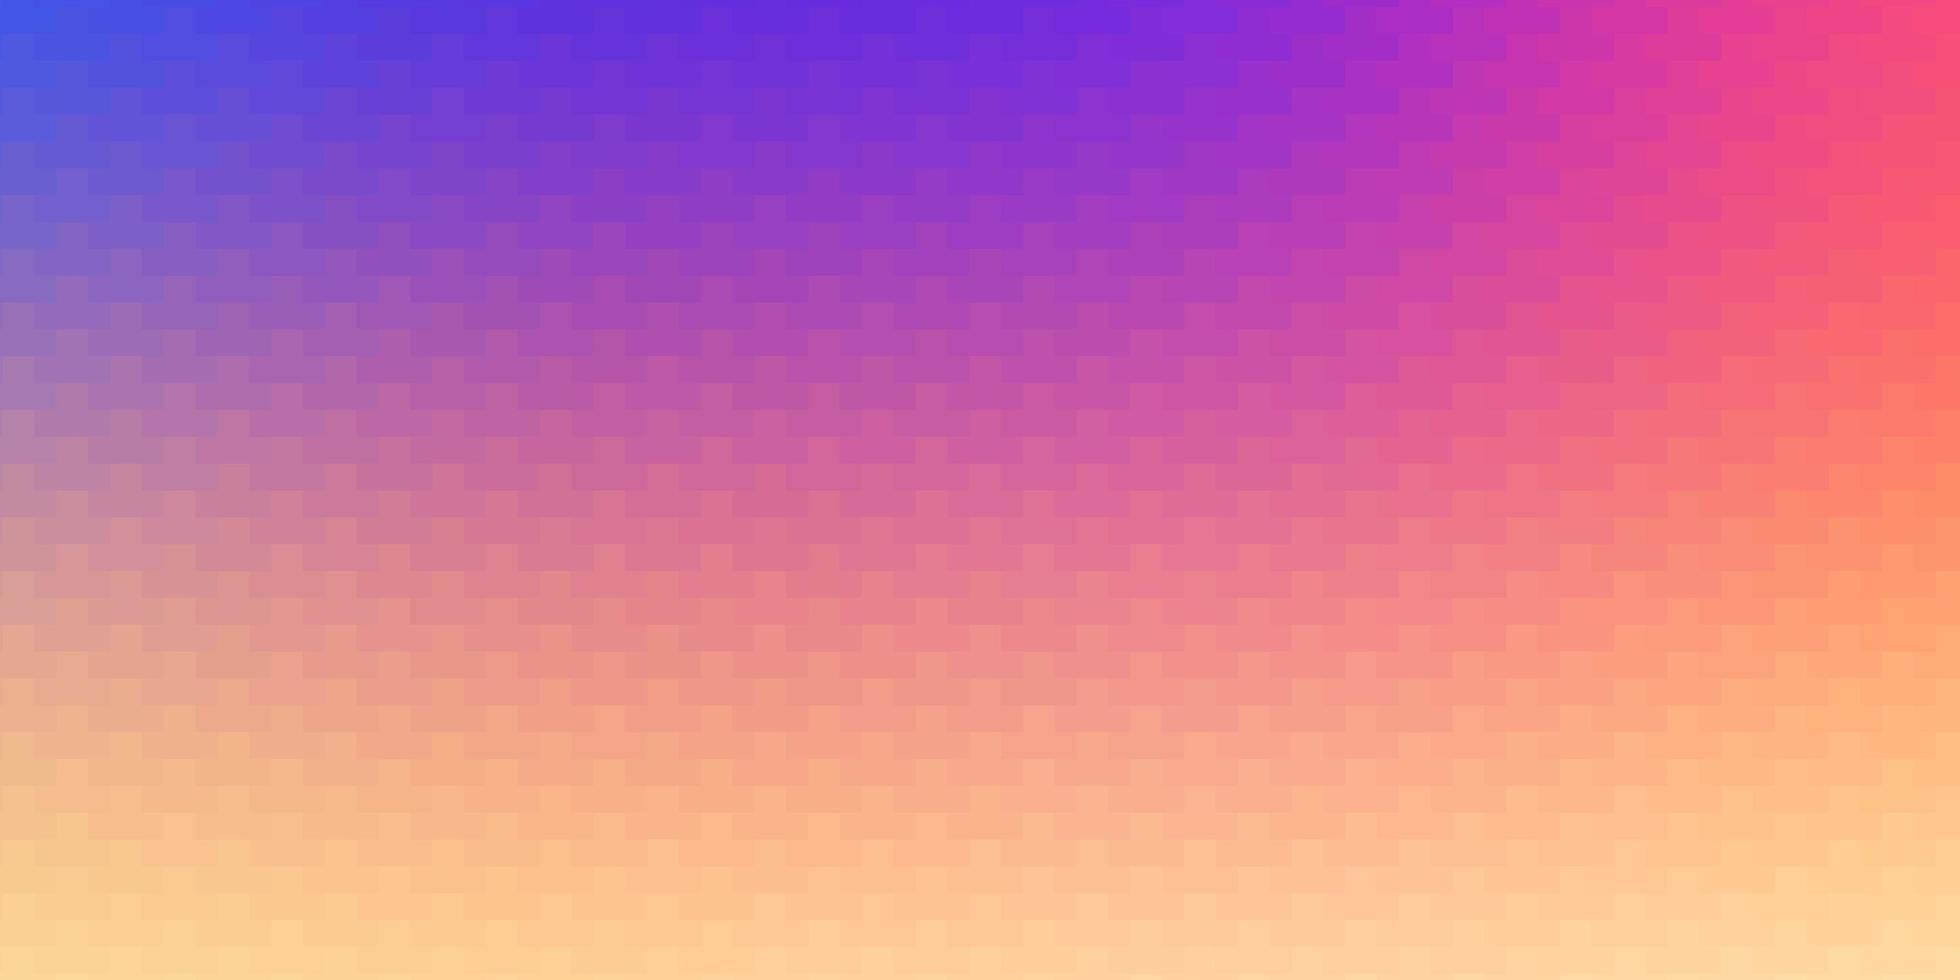 ljus flerfärgad vektormall i rektanglar. vektor